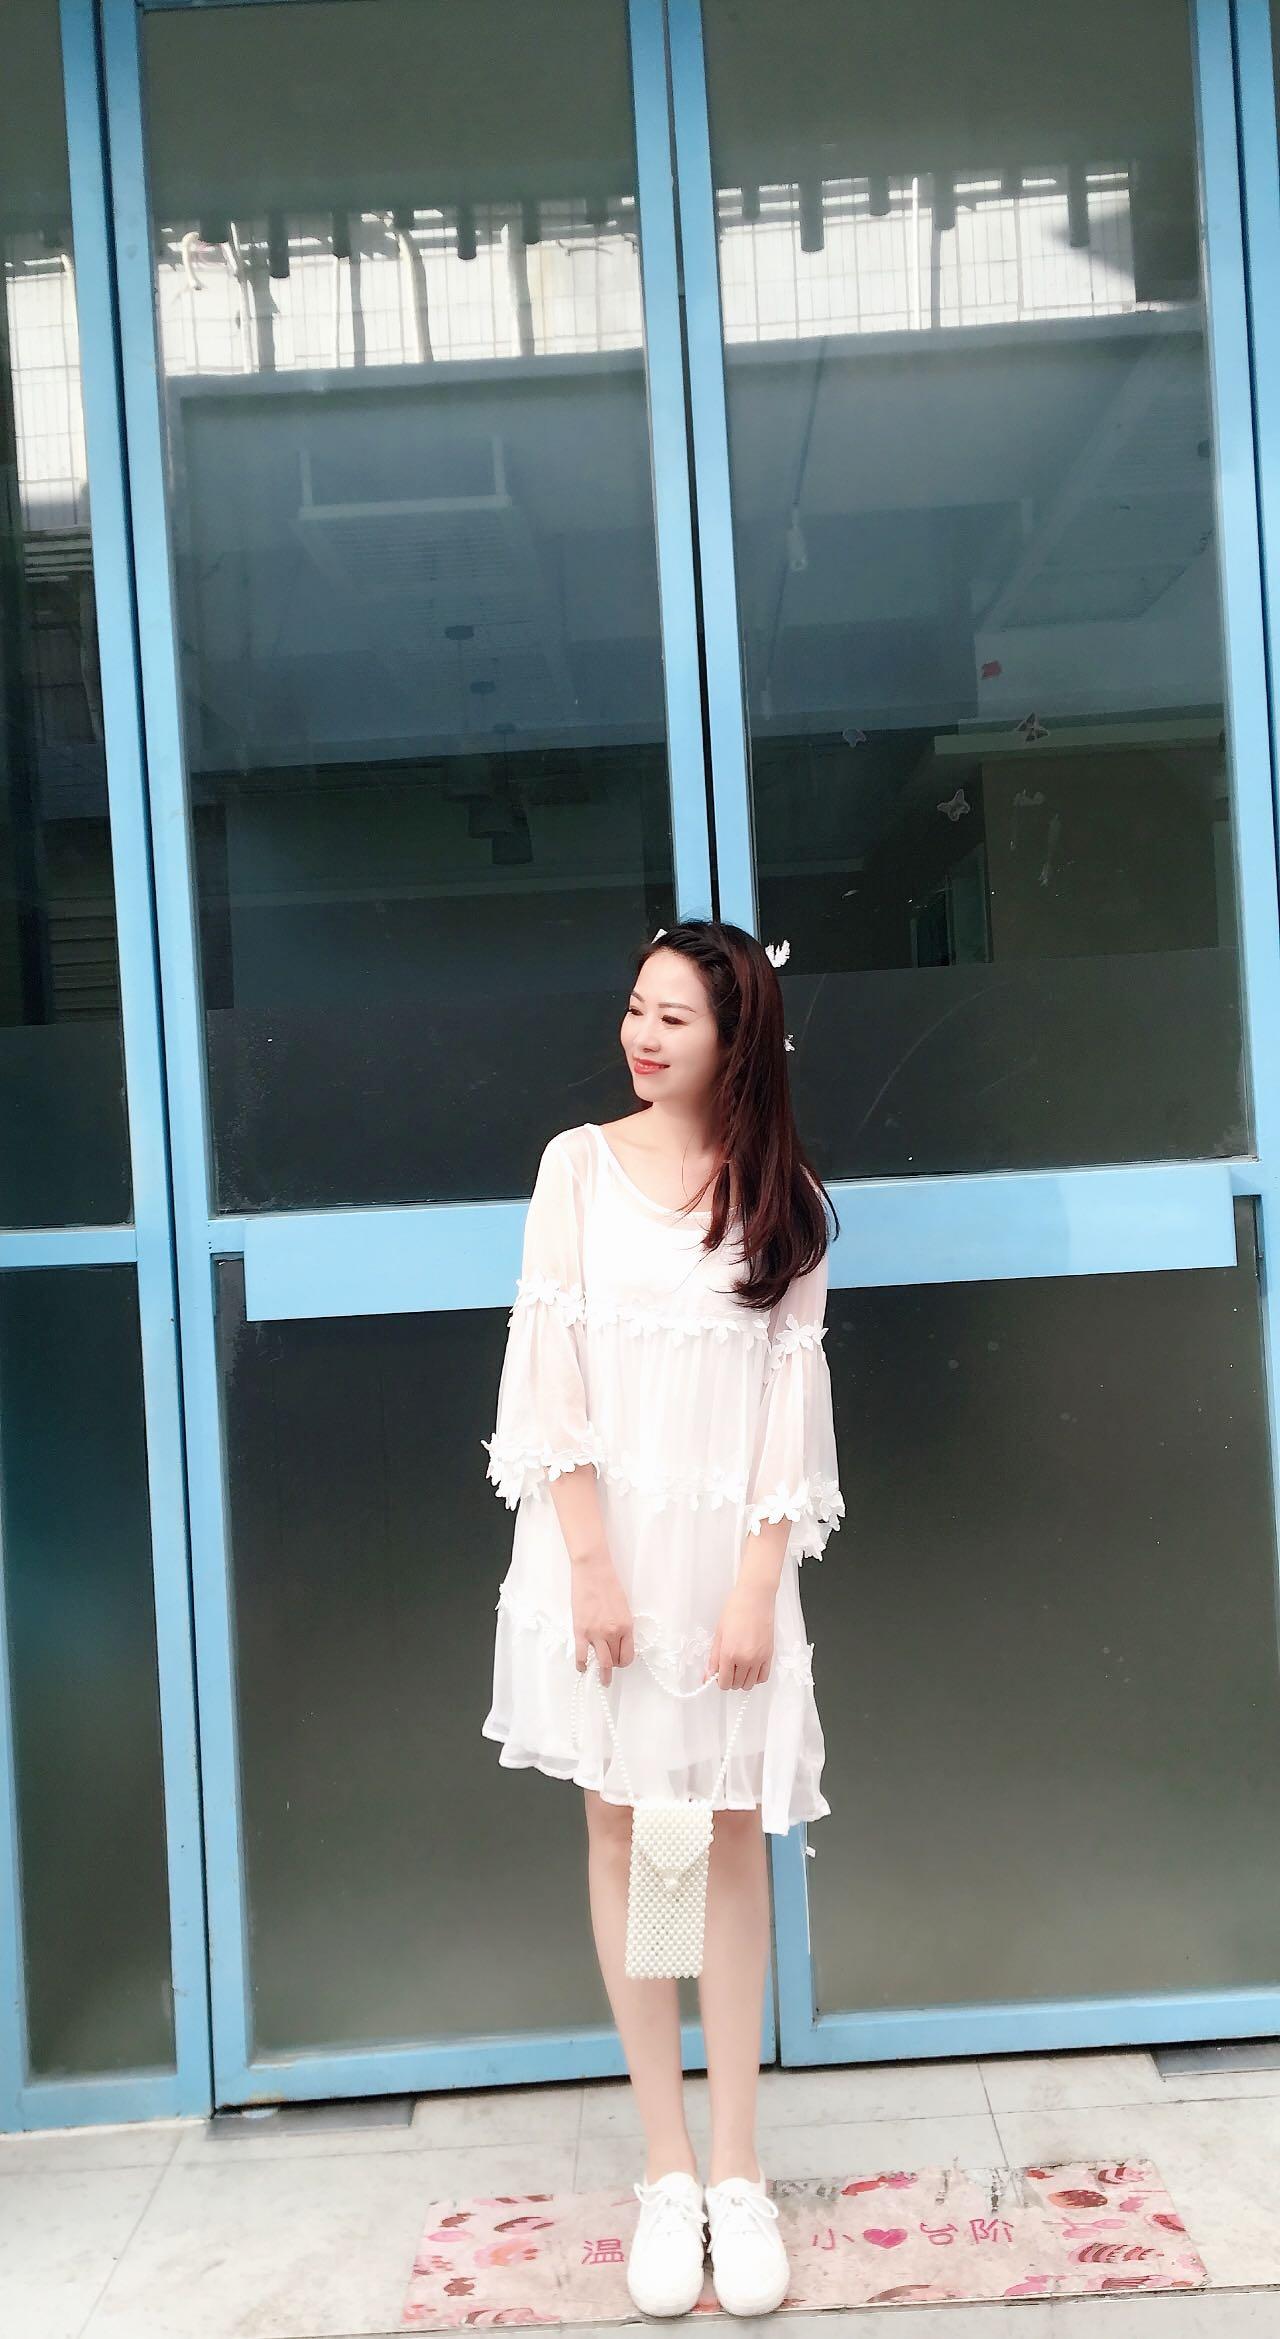 圆领韩版雪纺衫 韩版夏季女装新款雪纺衫五分袖圆领花边蛋糕连衣裙多层次仙女裙_推荐淘宝好看的圆领韩版雪纺衫